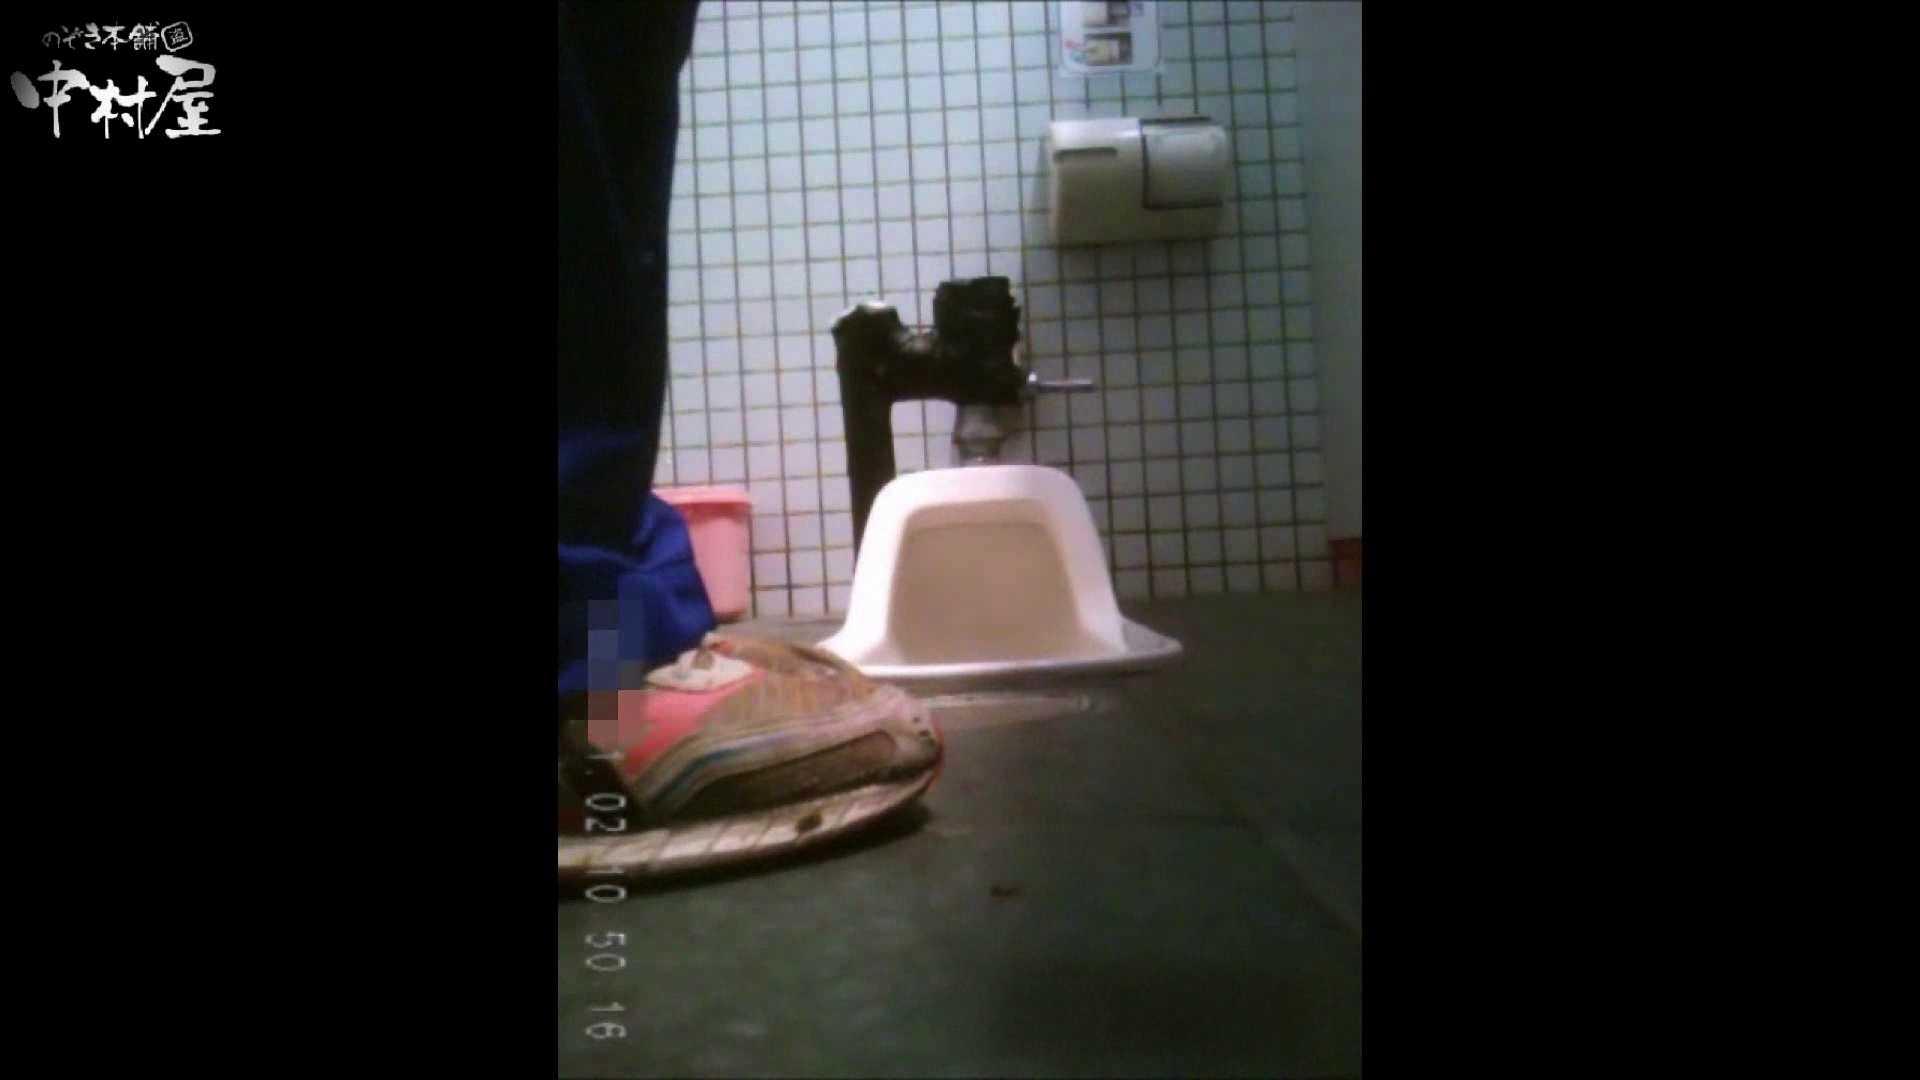 雅さんが厳選年末特別コンテンツ!激走!東京マラソン選手専用女子トイレ 排泄隠し撮り | 女子トイレ潜入  75pic 6